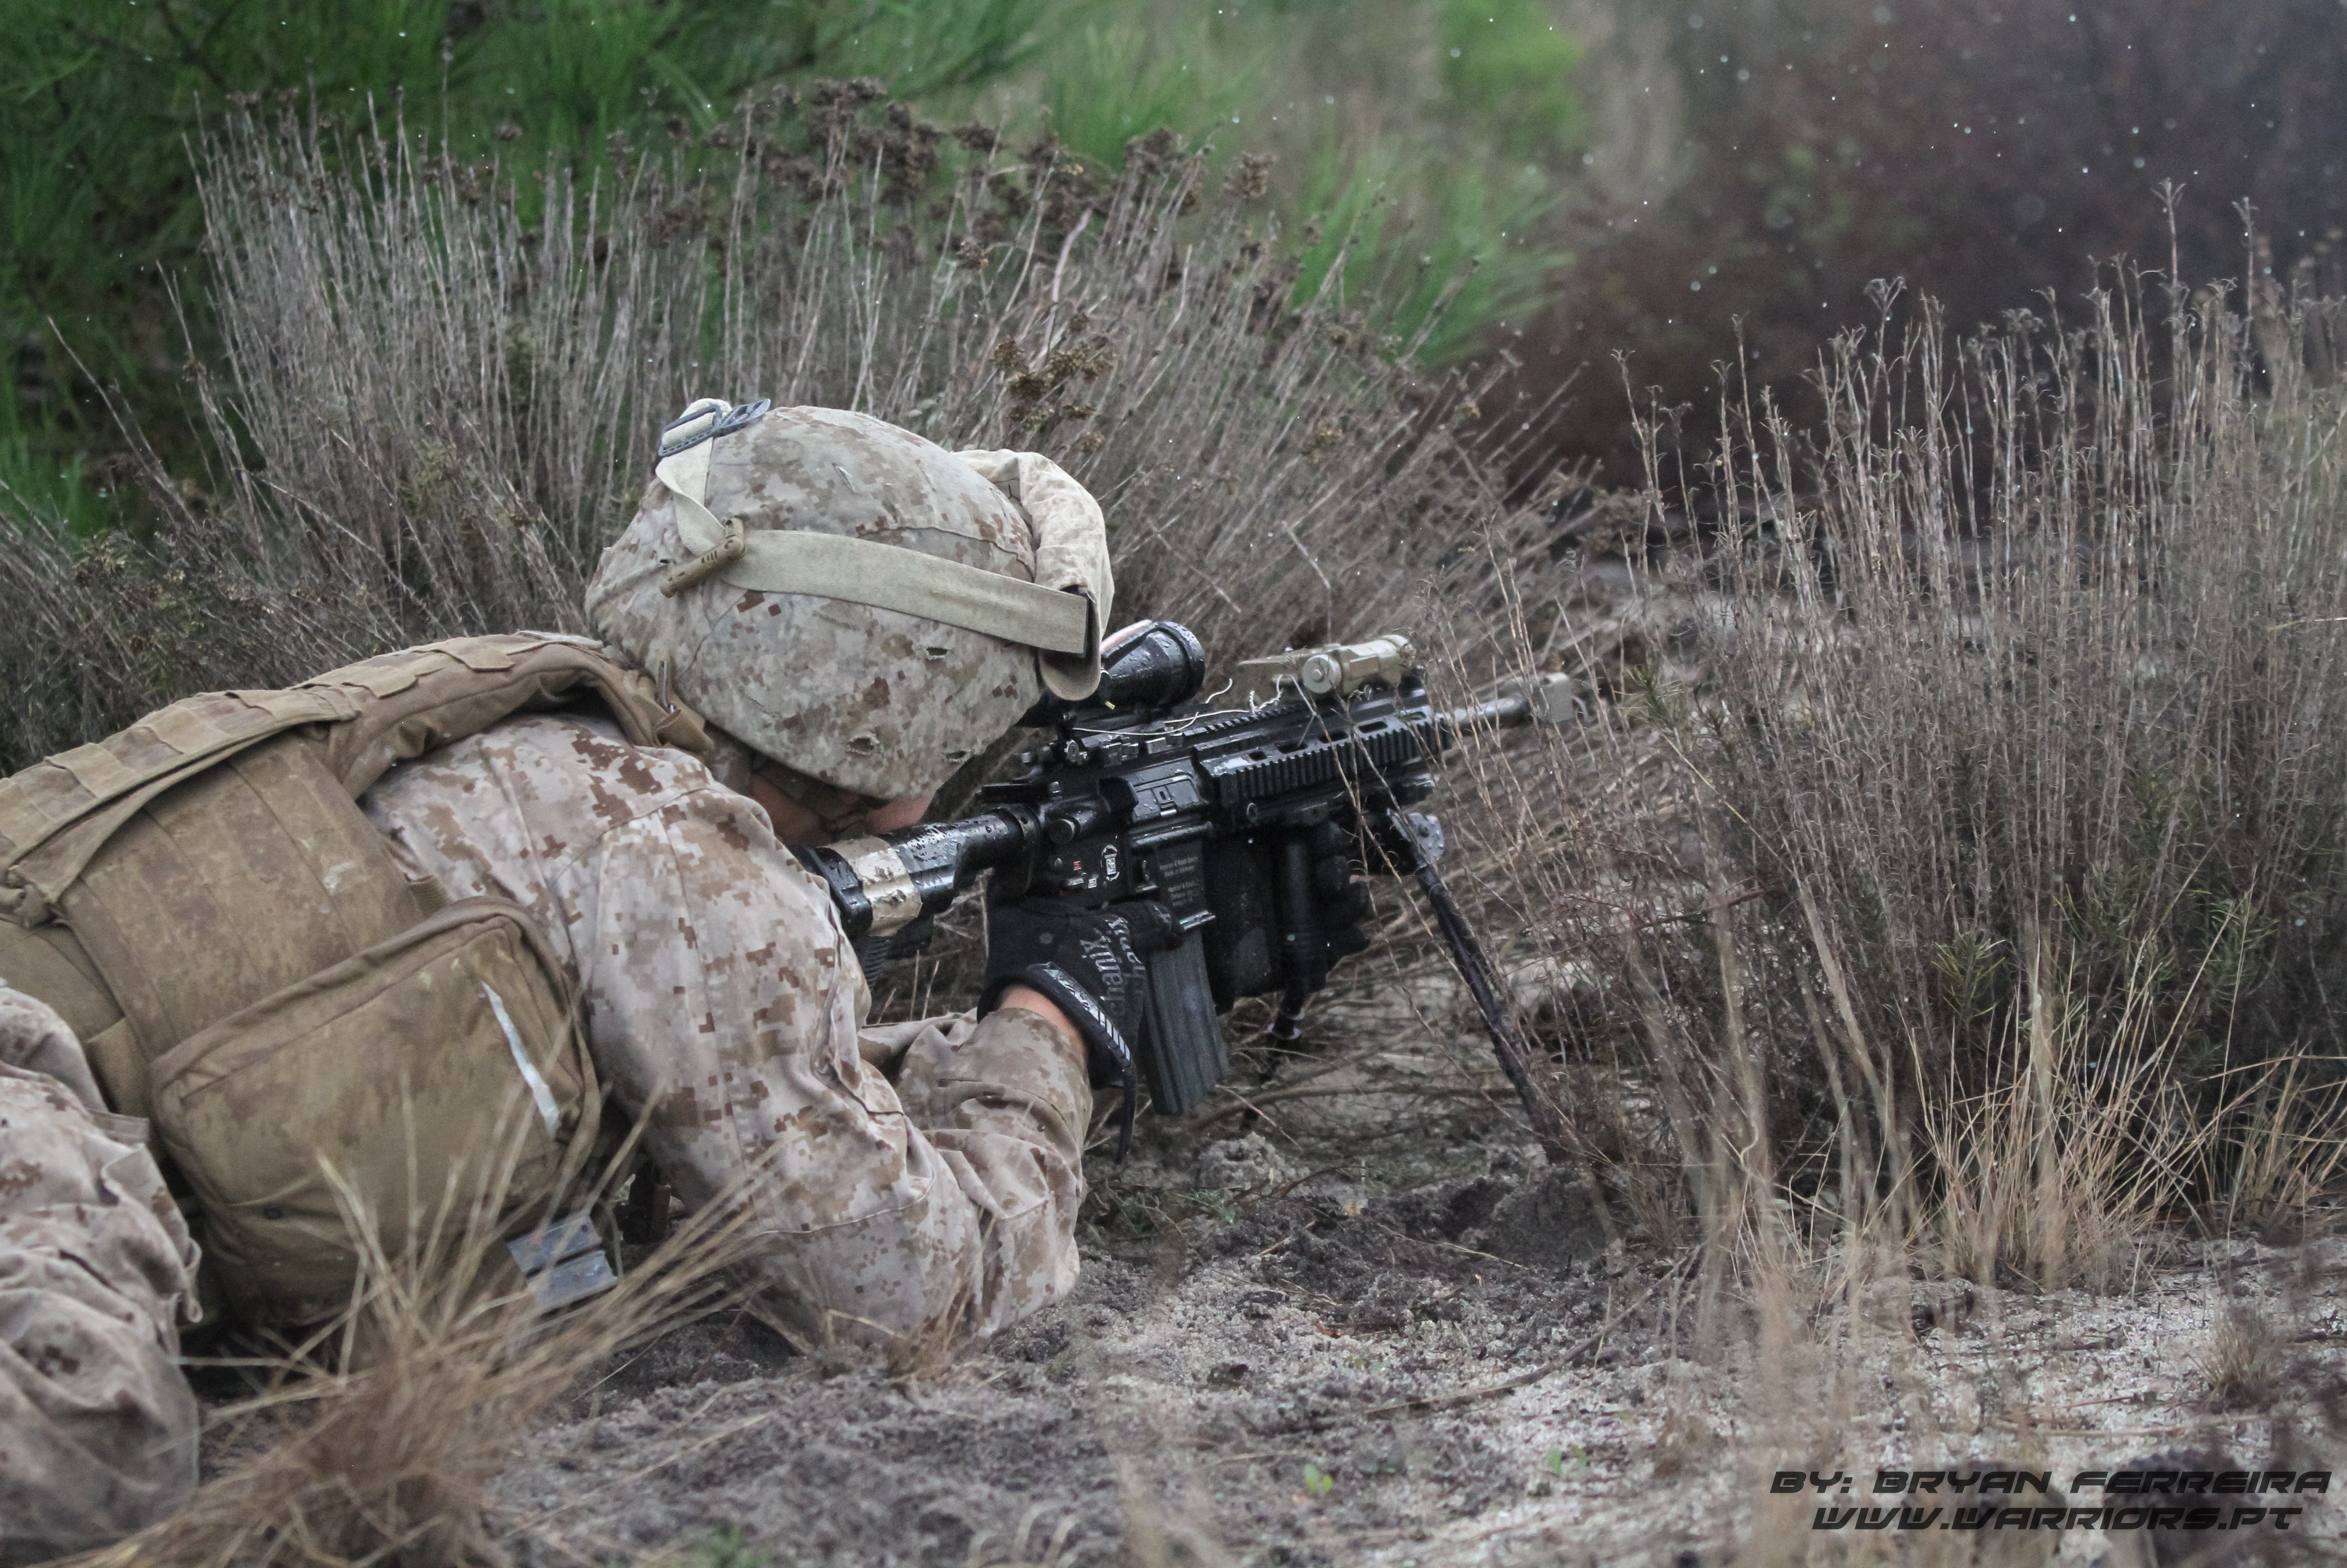 Marine Norte Americano está equipado com H&K M27 IAR (Infantry Automatic Rifle) e mira ACOG.